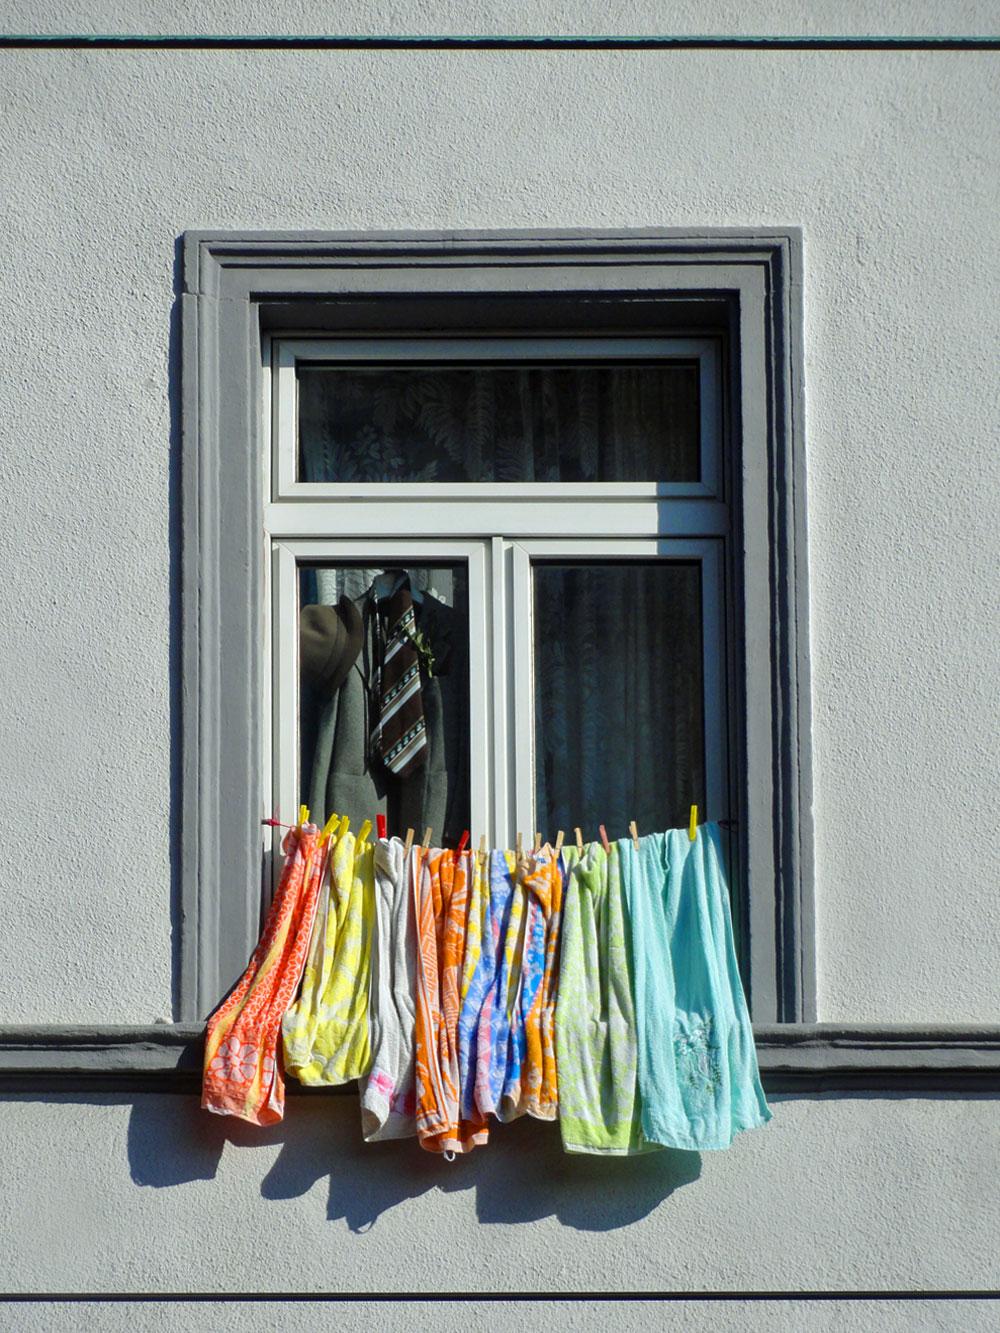 Wäsche zum Trocknen aus dem Fenster hängen